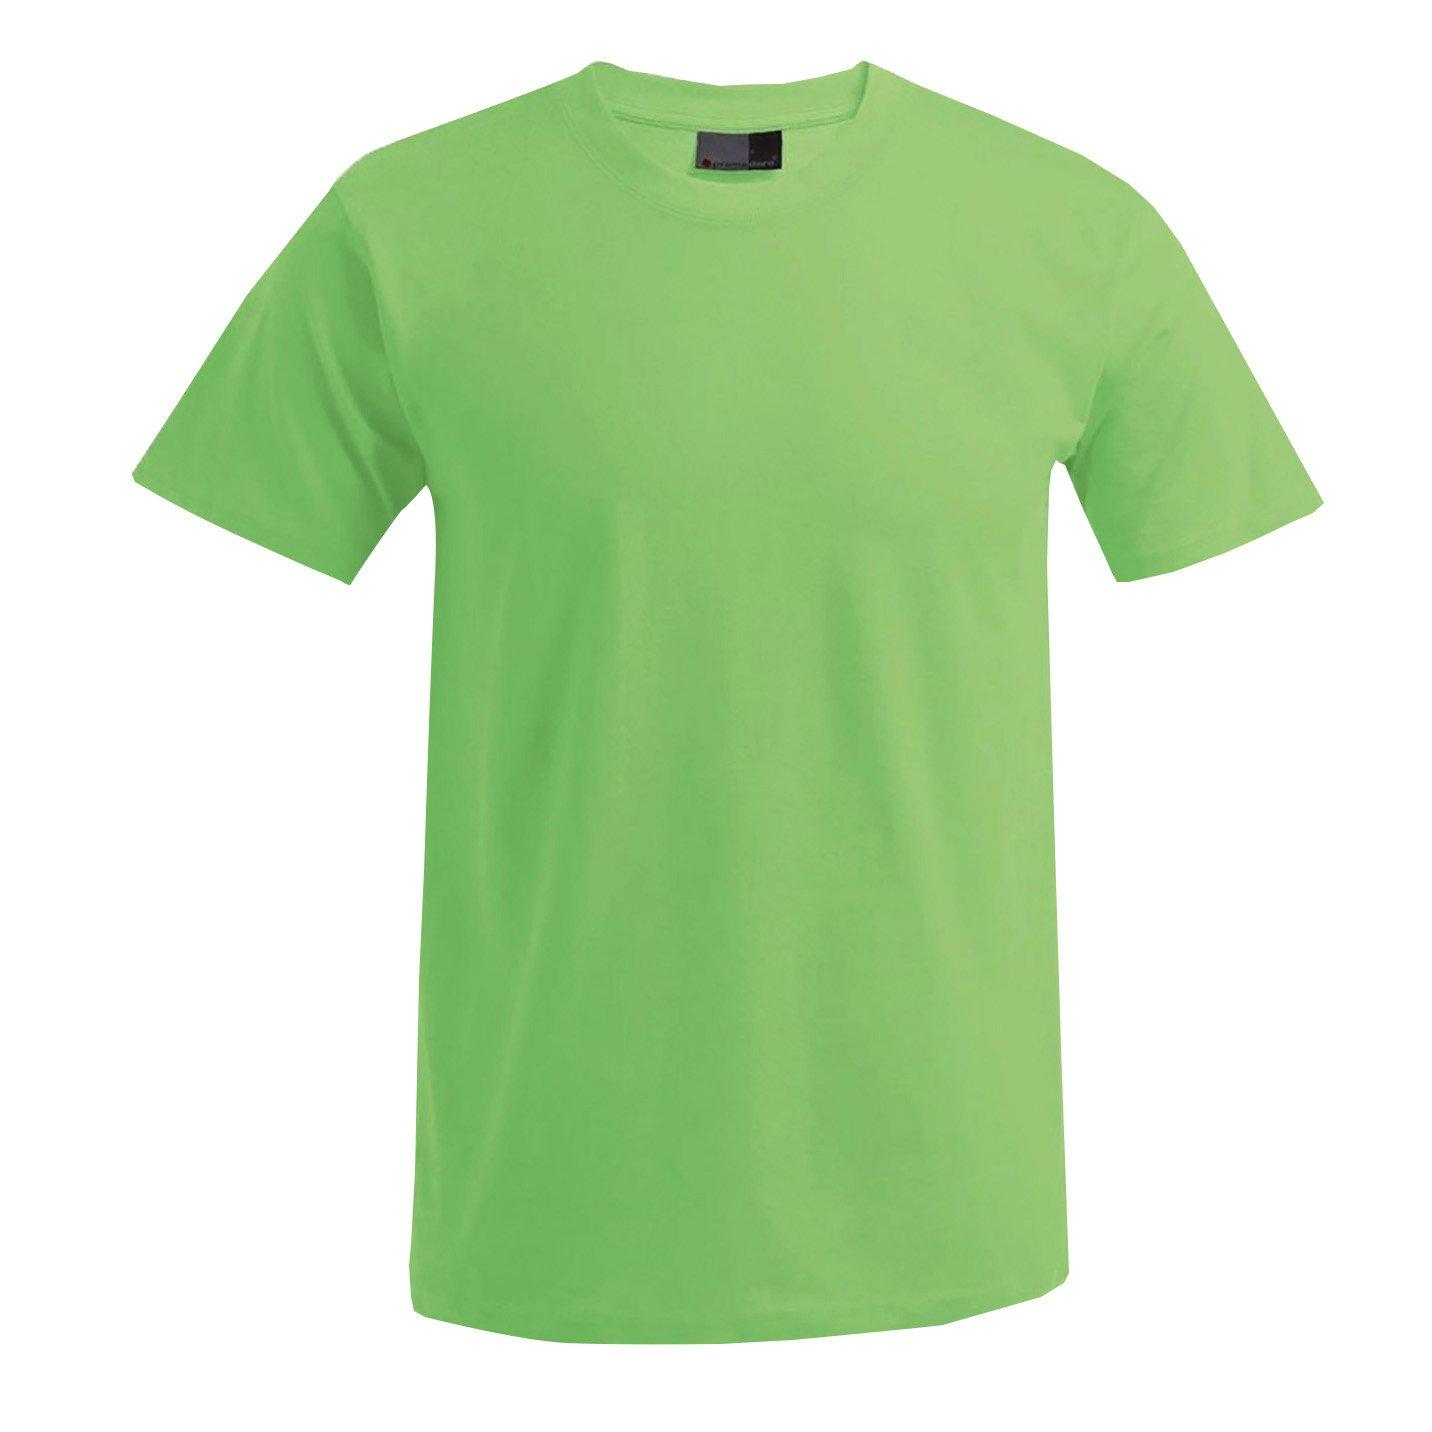 Promodoro 3099-WL-XL T-Shirt Premium Grö ß e XL in wild-limettengrü n